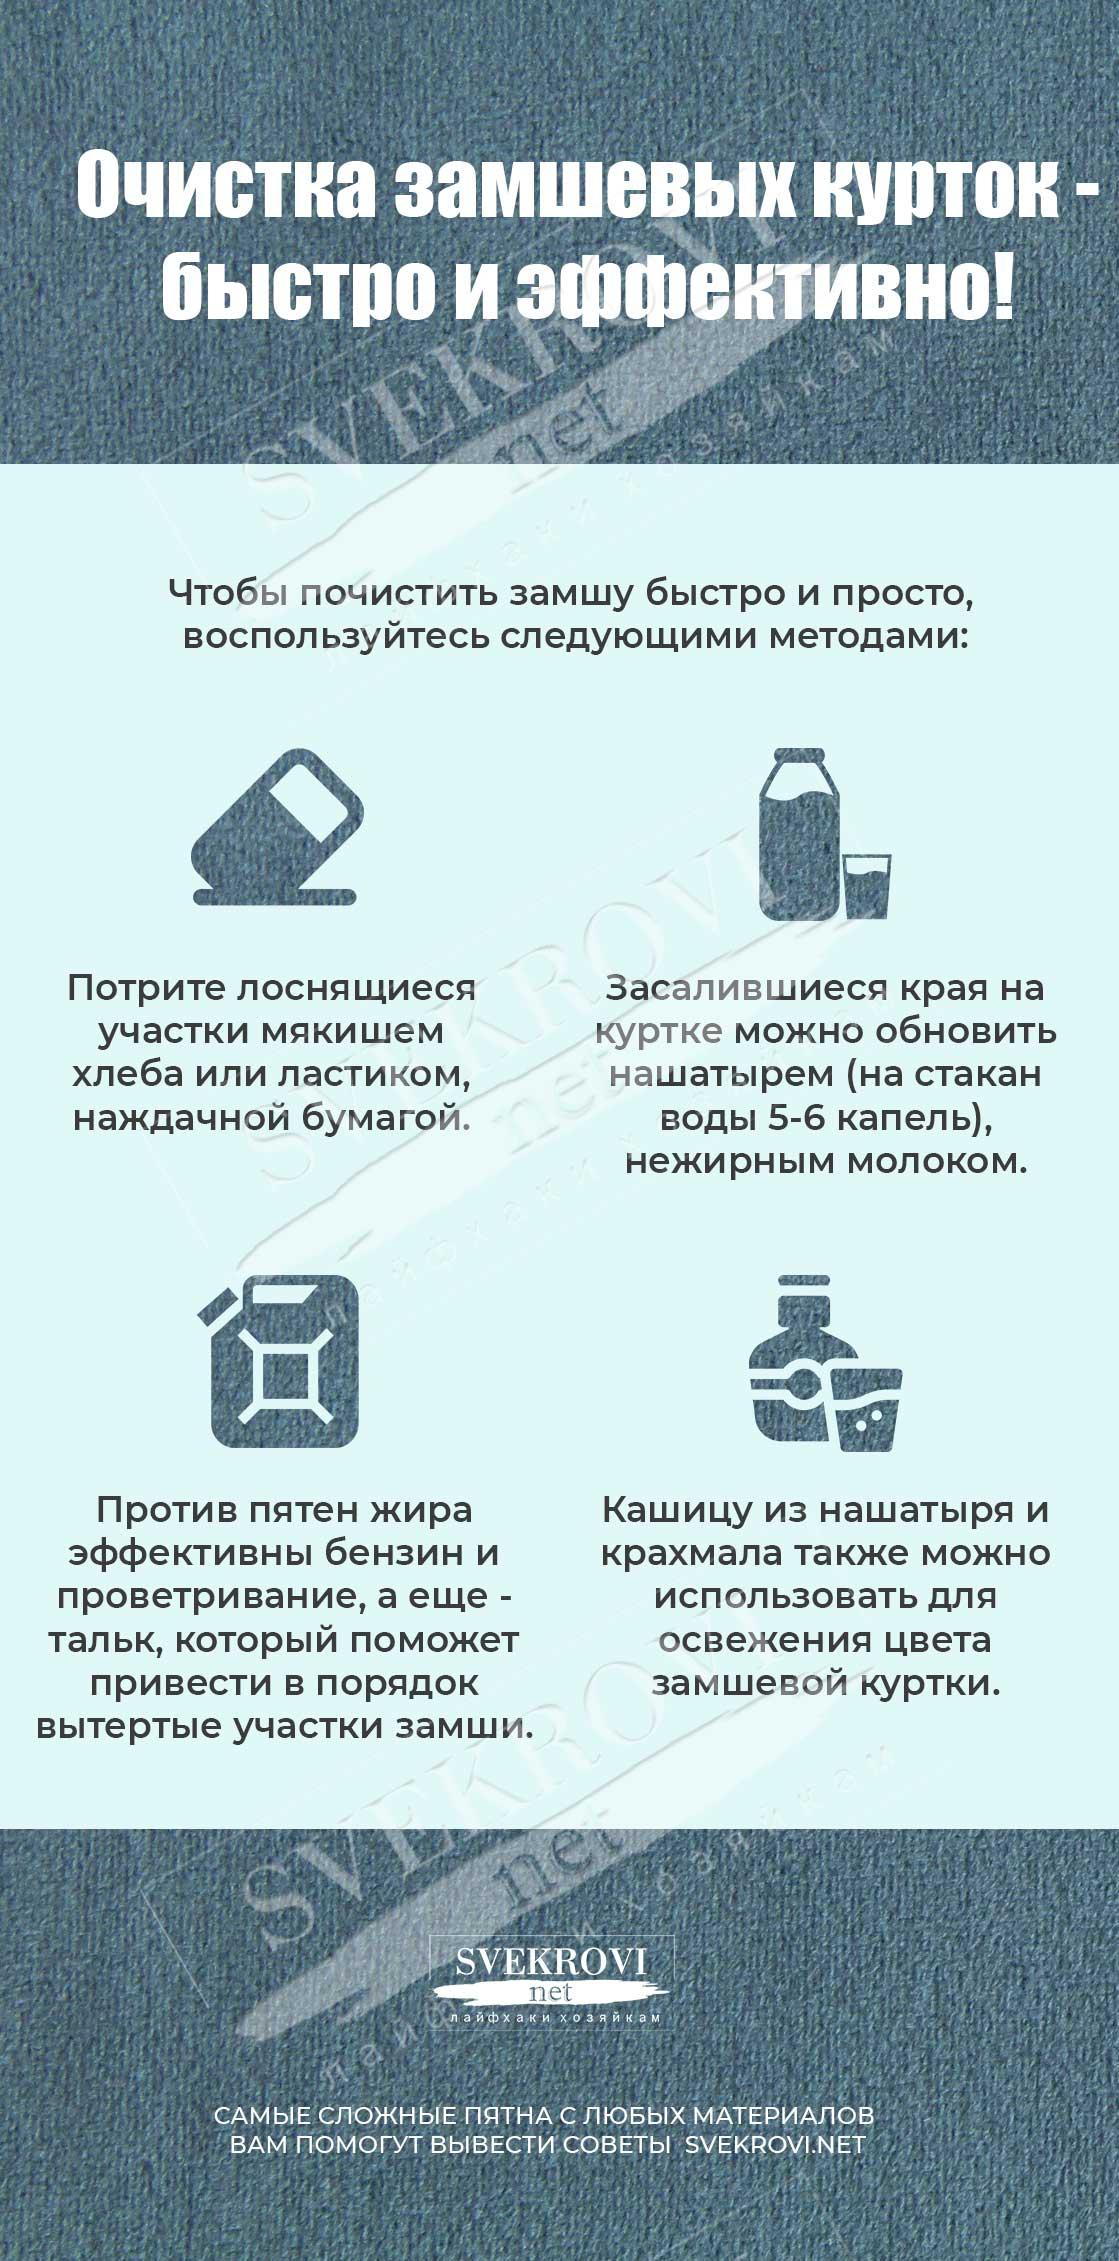 Способы чистки замши